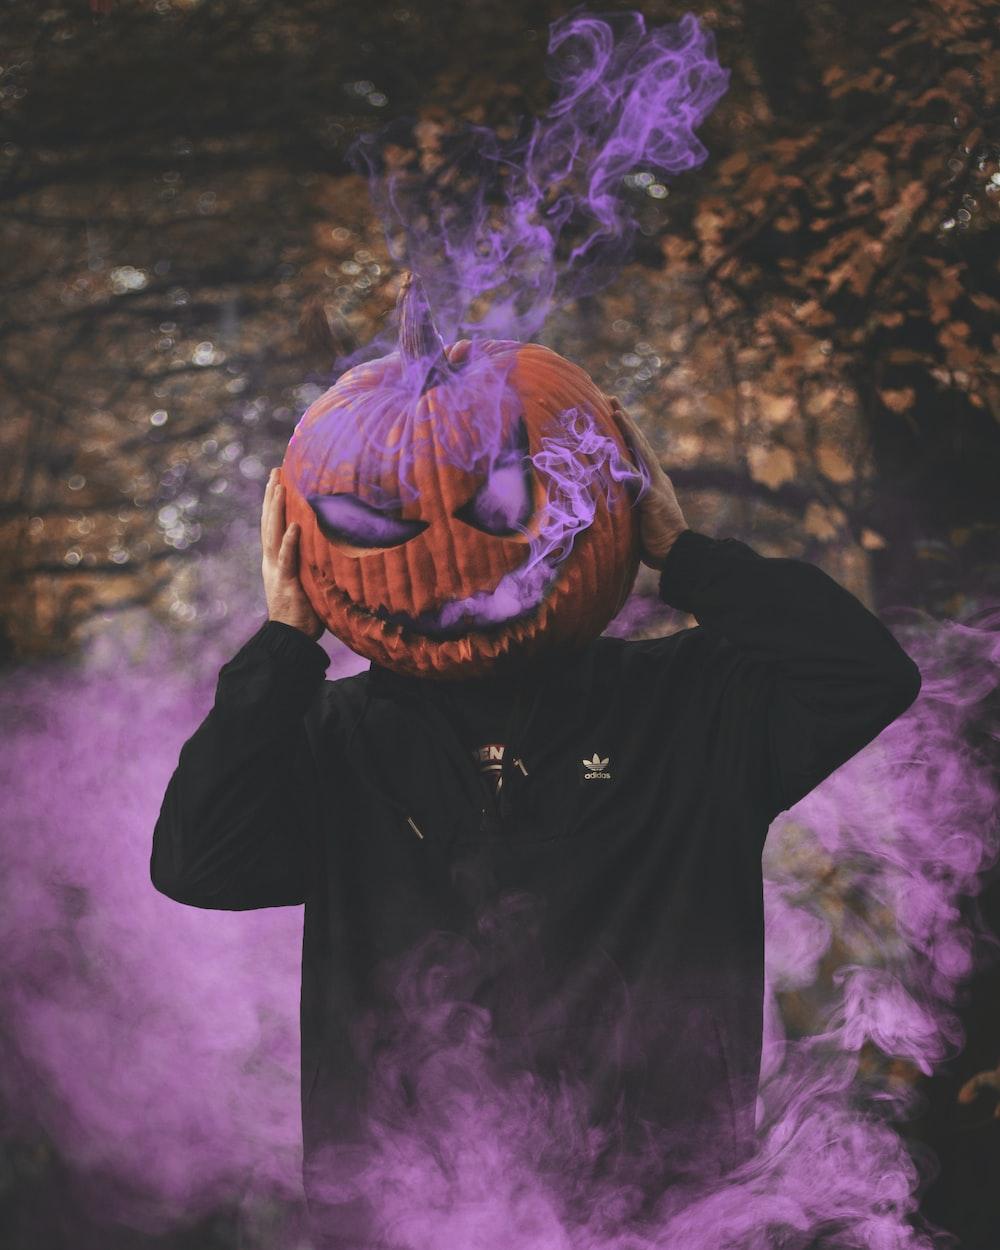 man wearing jack-o-lantern